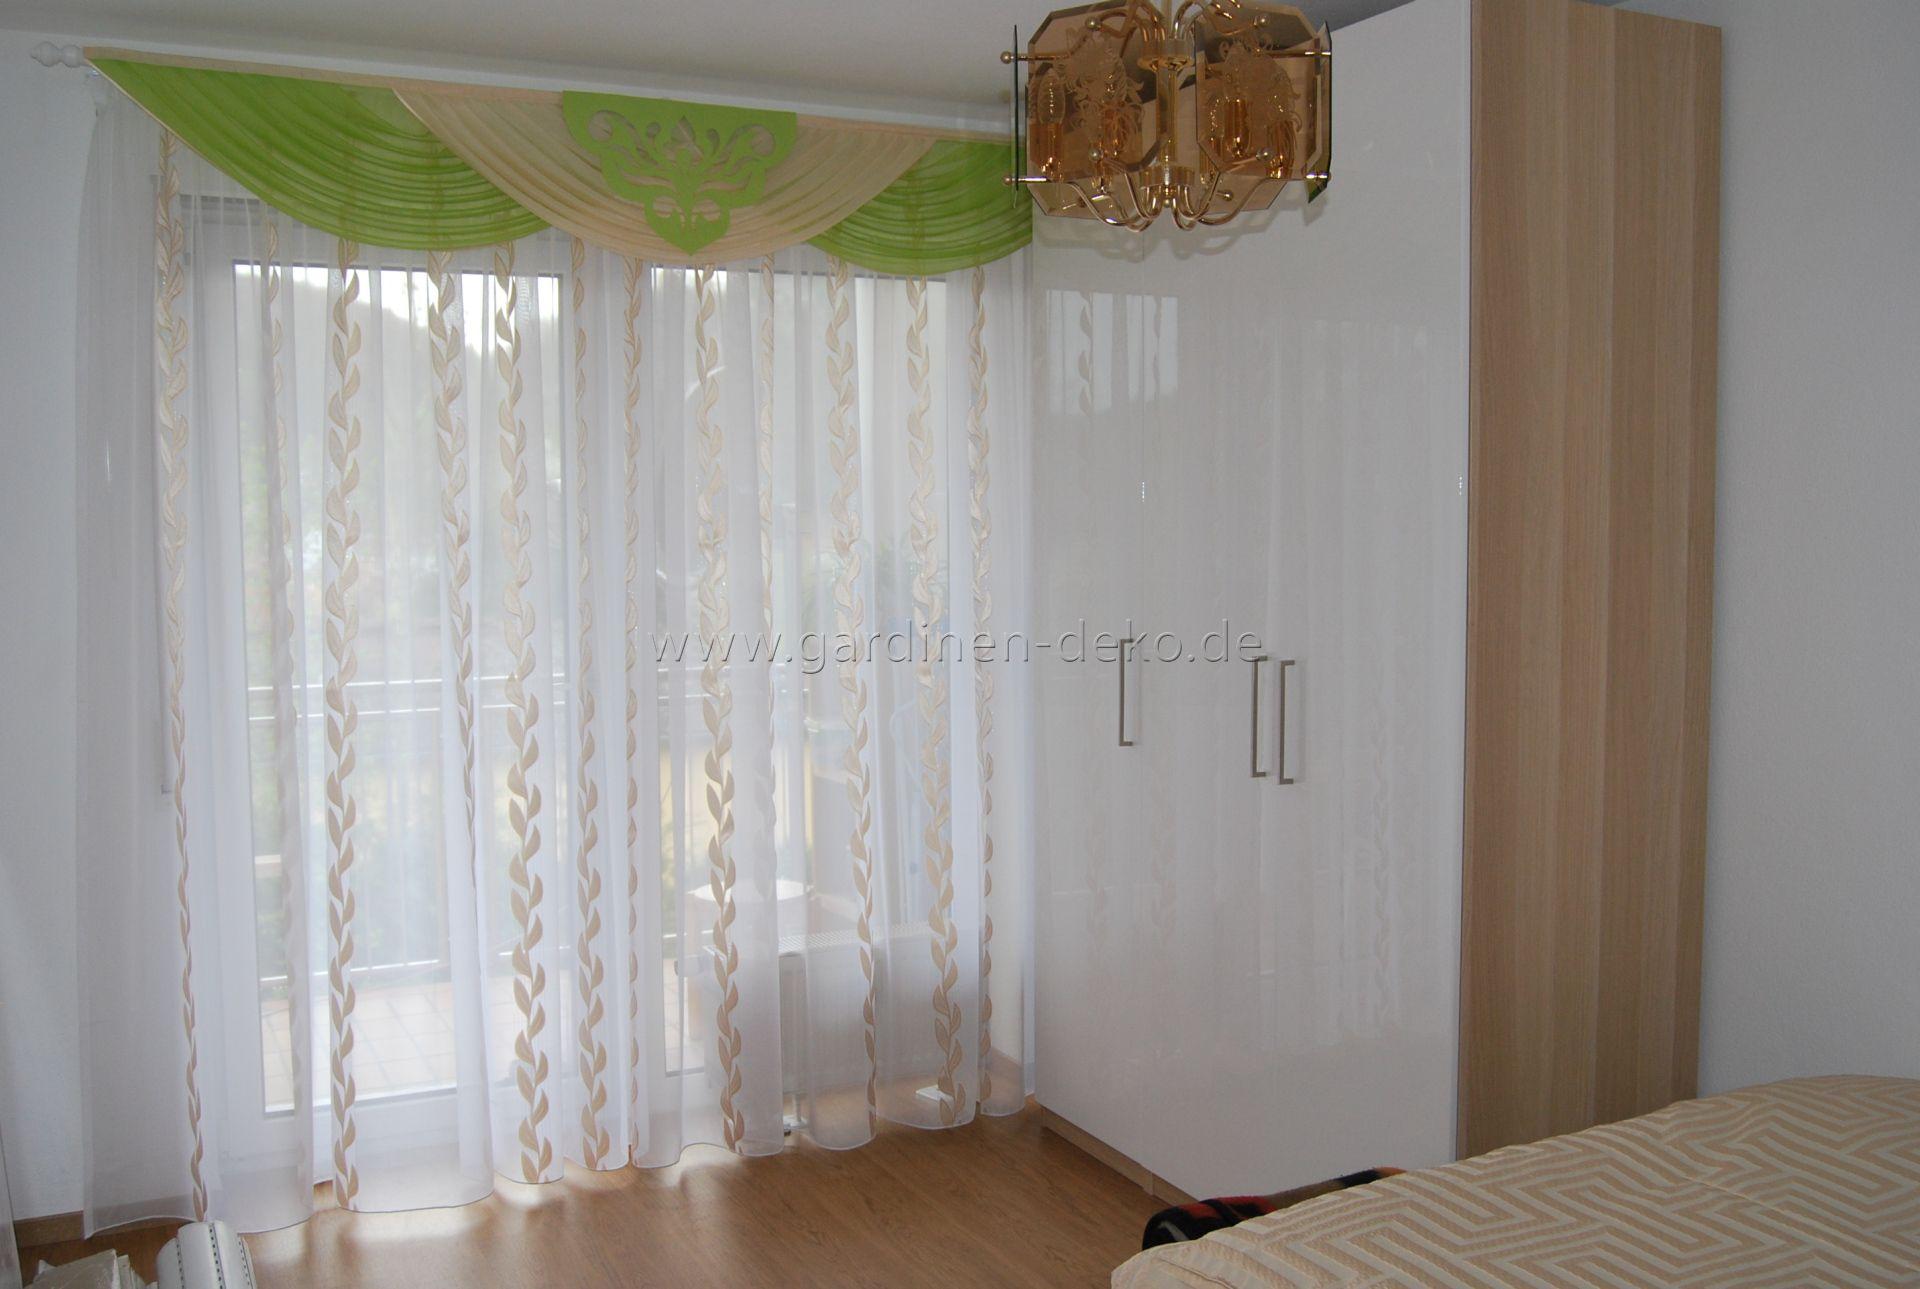 klassischer vorhang fürs schlafzimmer in weiß-grün-beige - http, Schlafzimmer entwurf